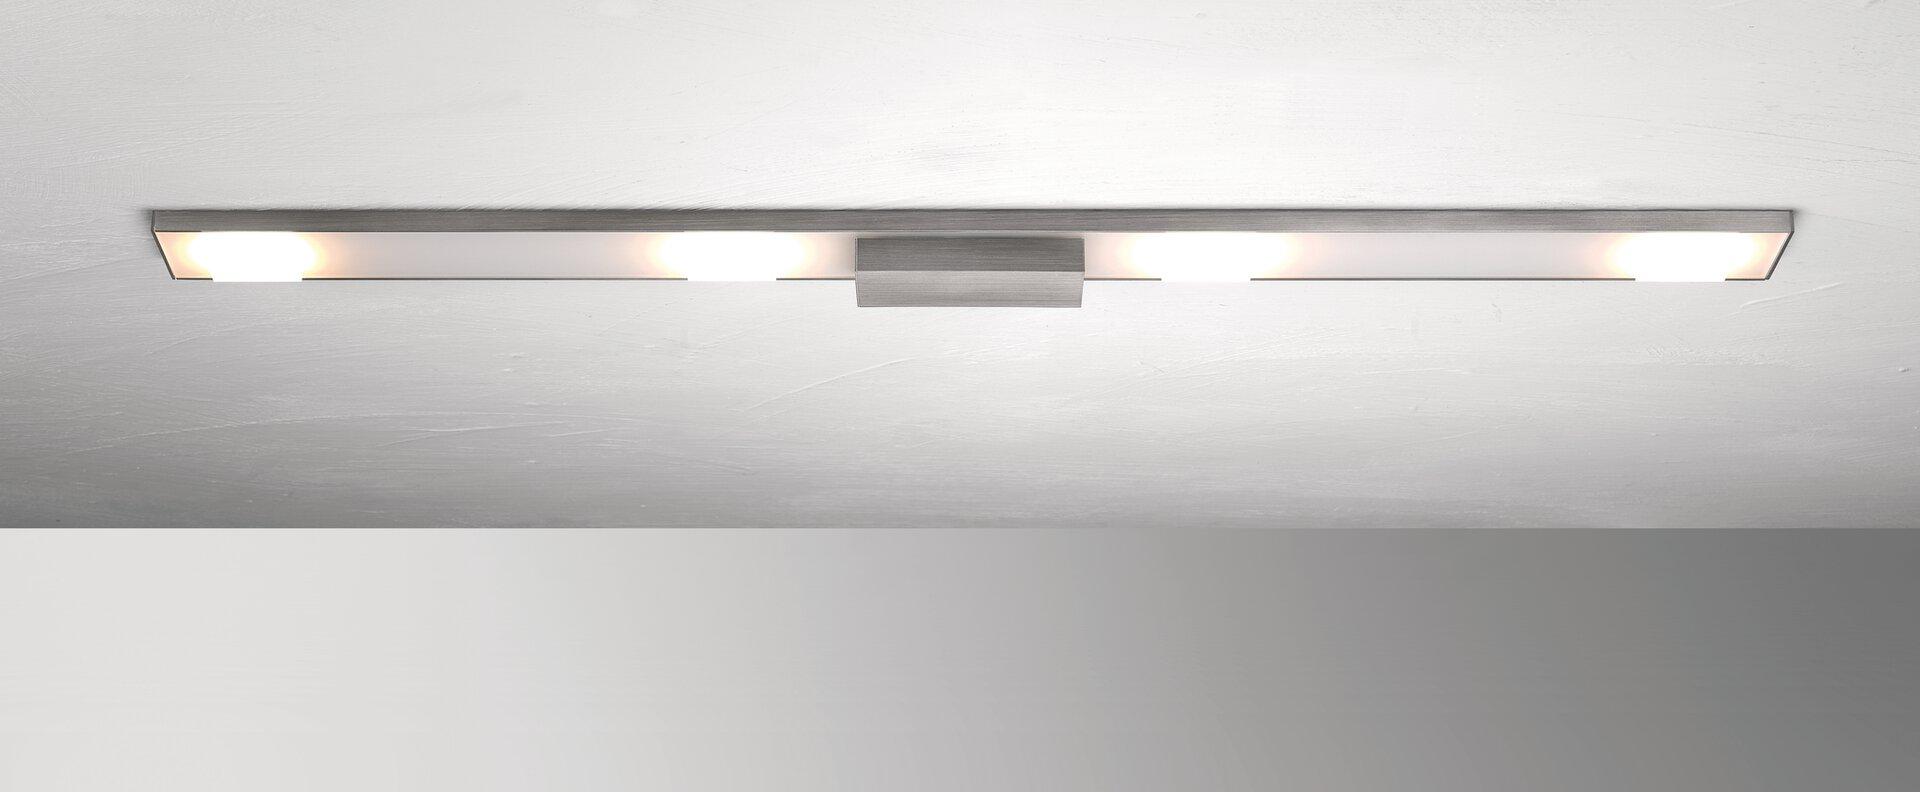 Deckenleuchte SLIGHT Bopp Metall 8 x 4 x 90 cm